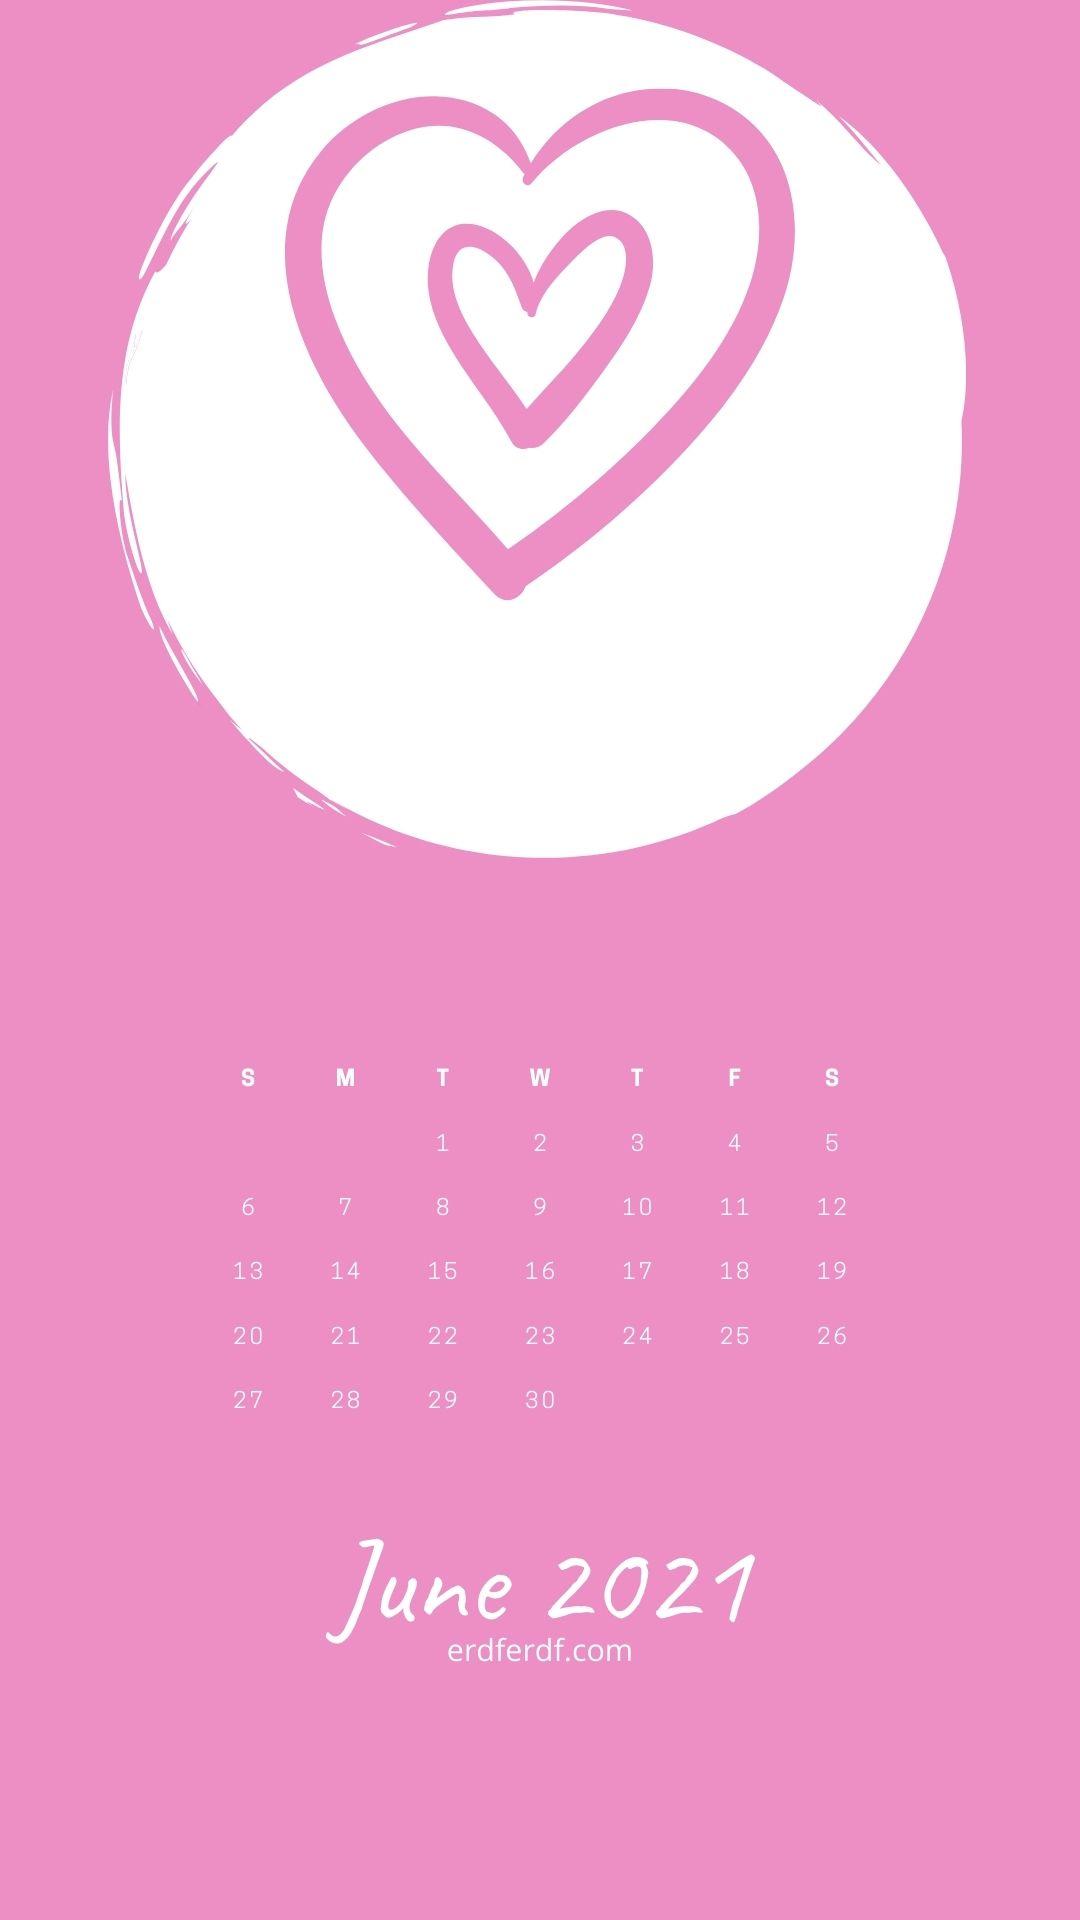 3 June 2021 Callendar Wallpaper Iphone